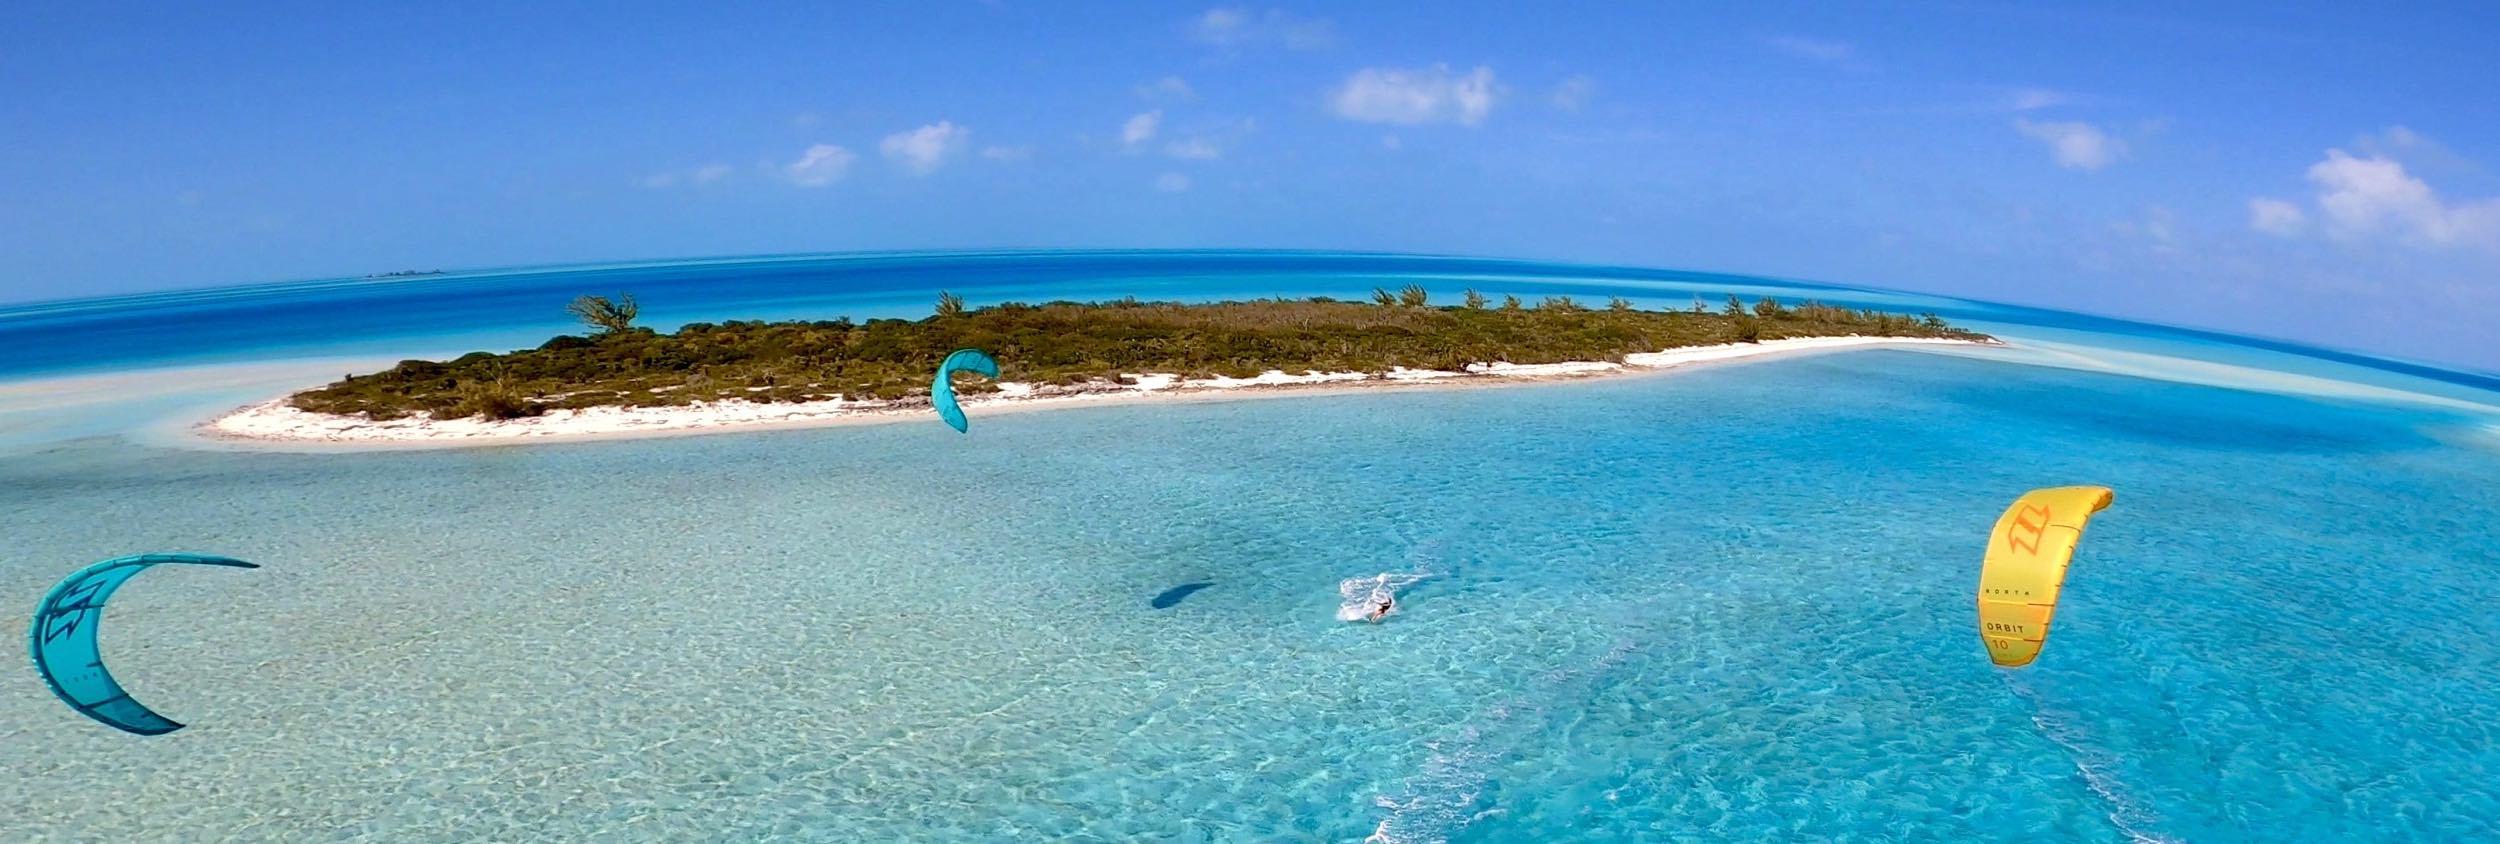 Caribbean boat trips